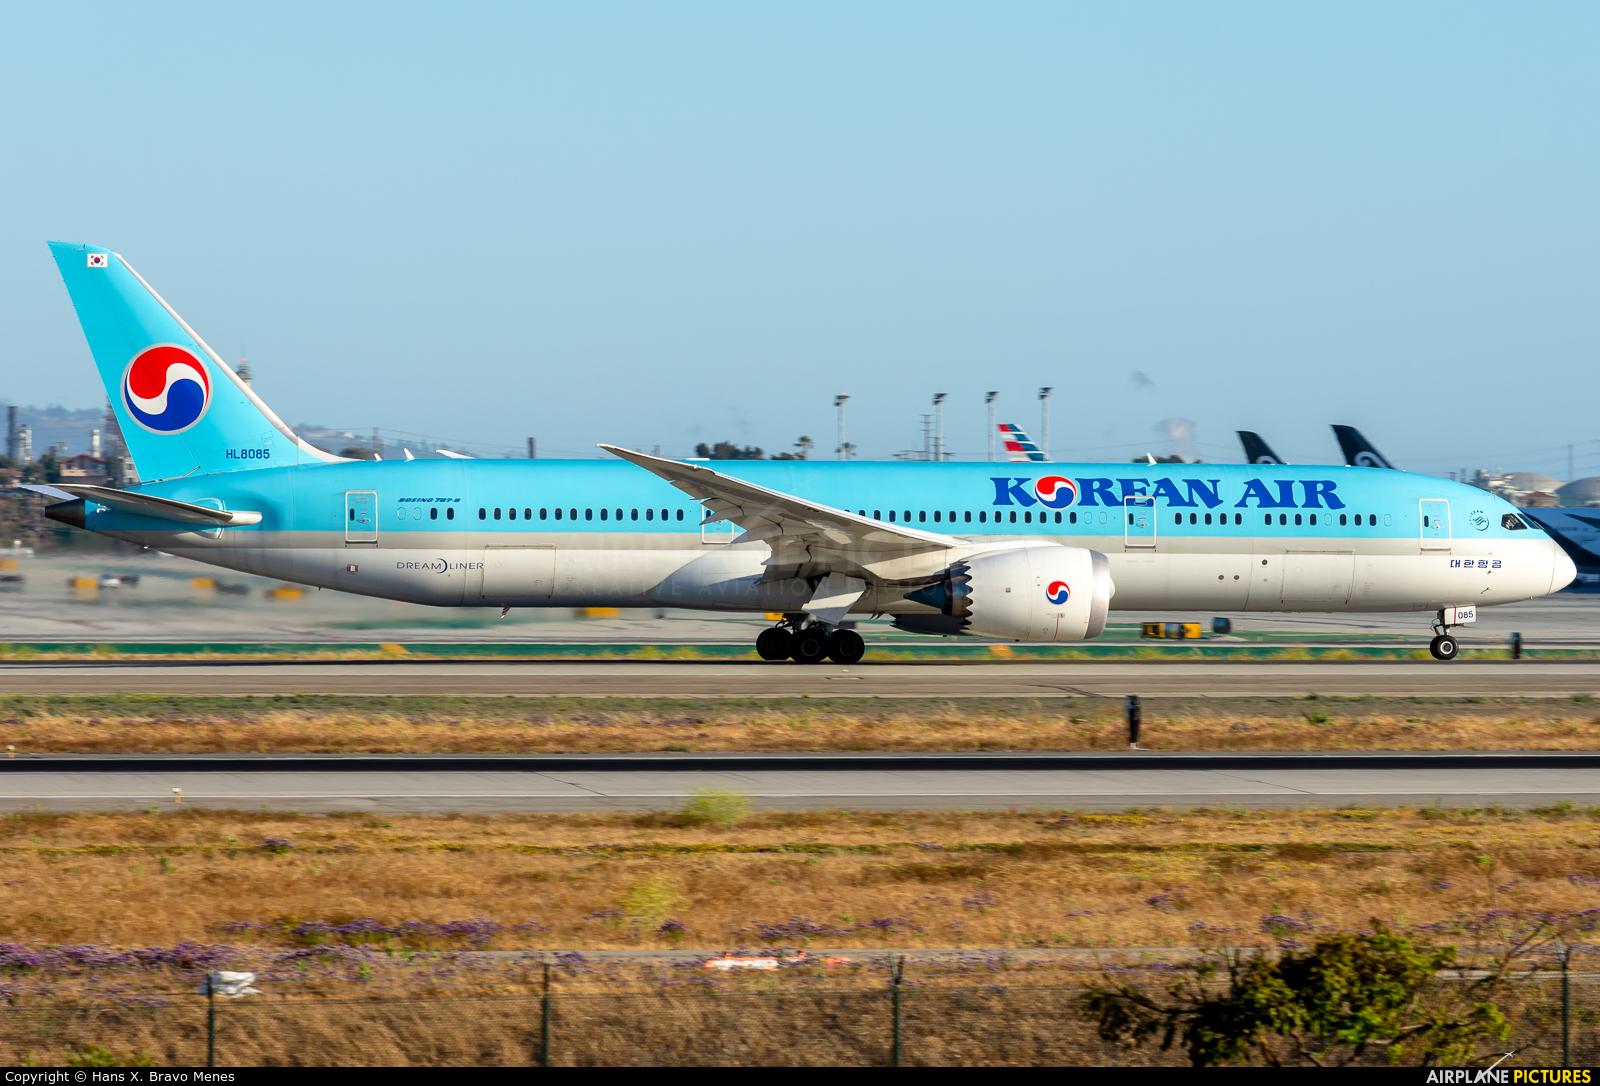 Korean Air HL8085 aircraft at Los Angeles Intl